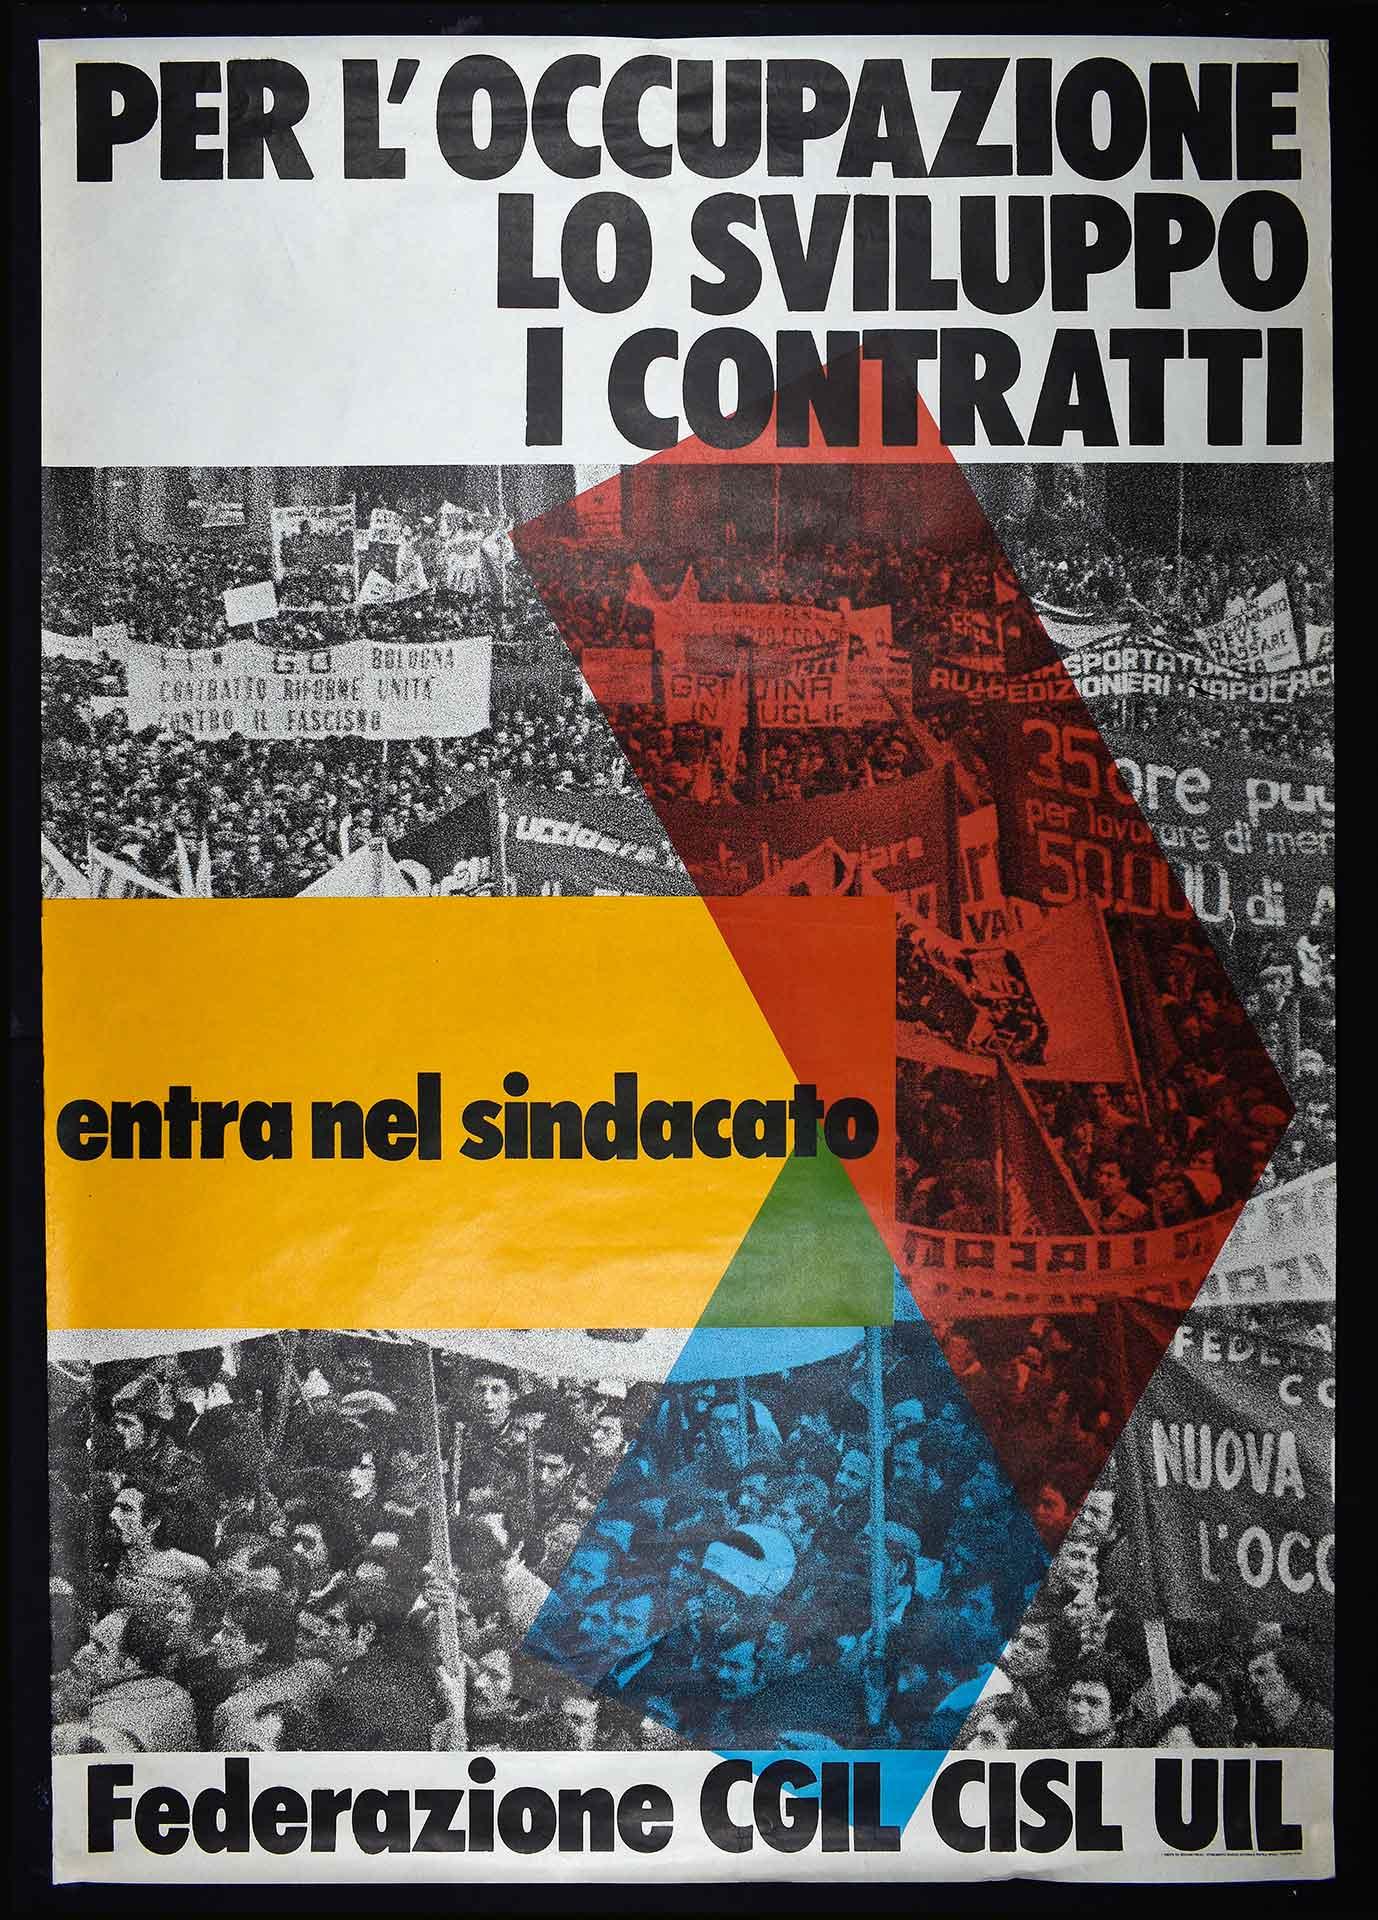 Federazione CGIL, CISL, UIL. Stampa Fratelli Spada stabilimento grafico editoriale, Ciampino (Roma). Campagna di tesseramento.